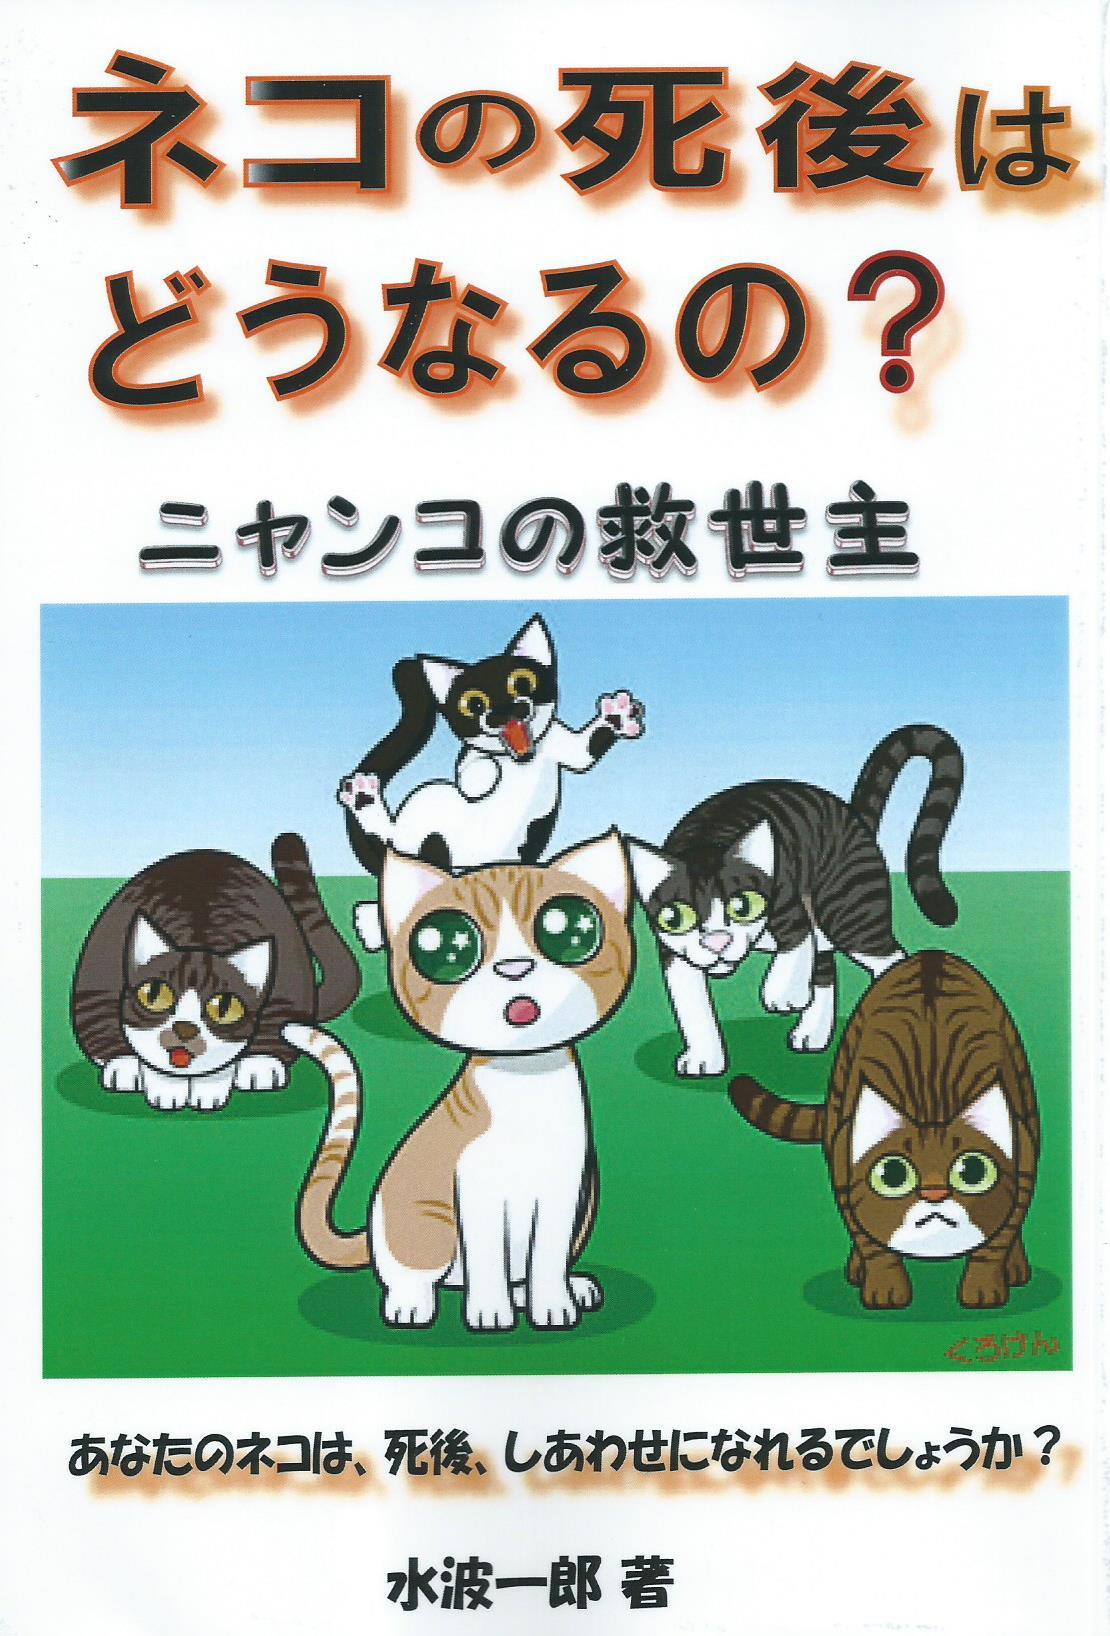 ネコの死後はどうなるの?(表紙2)